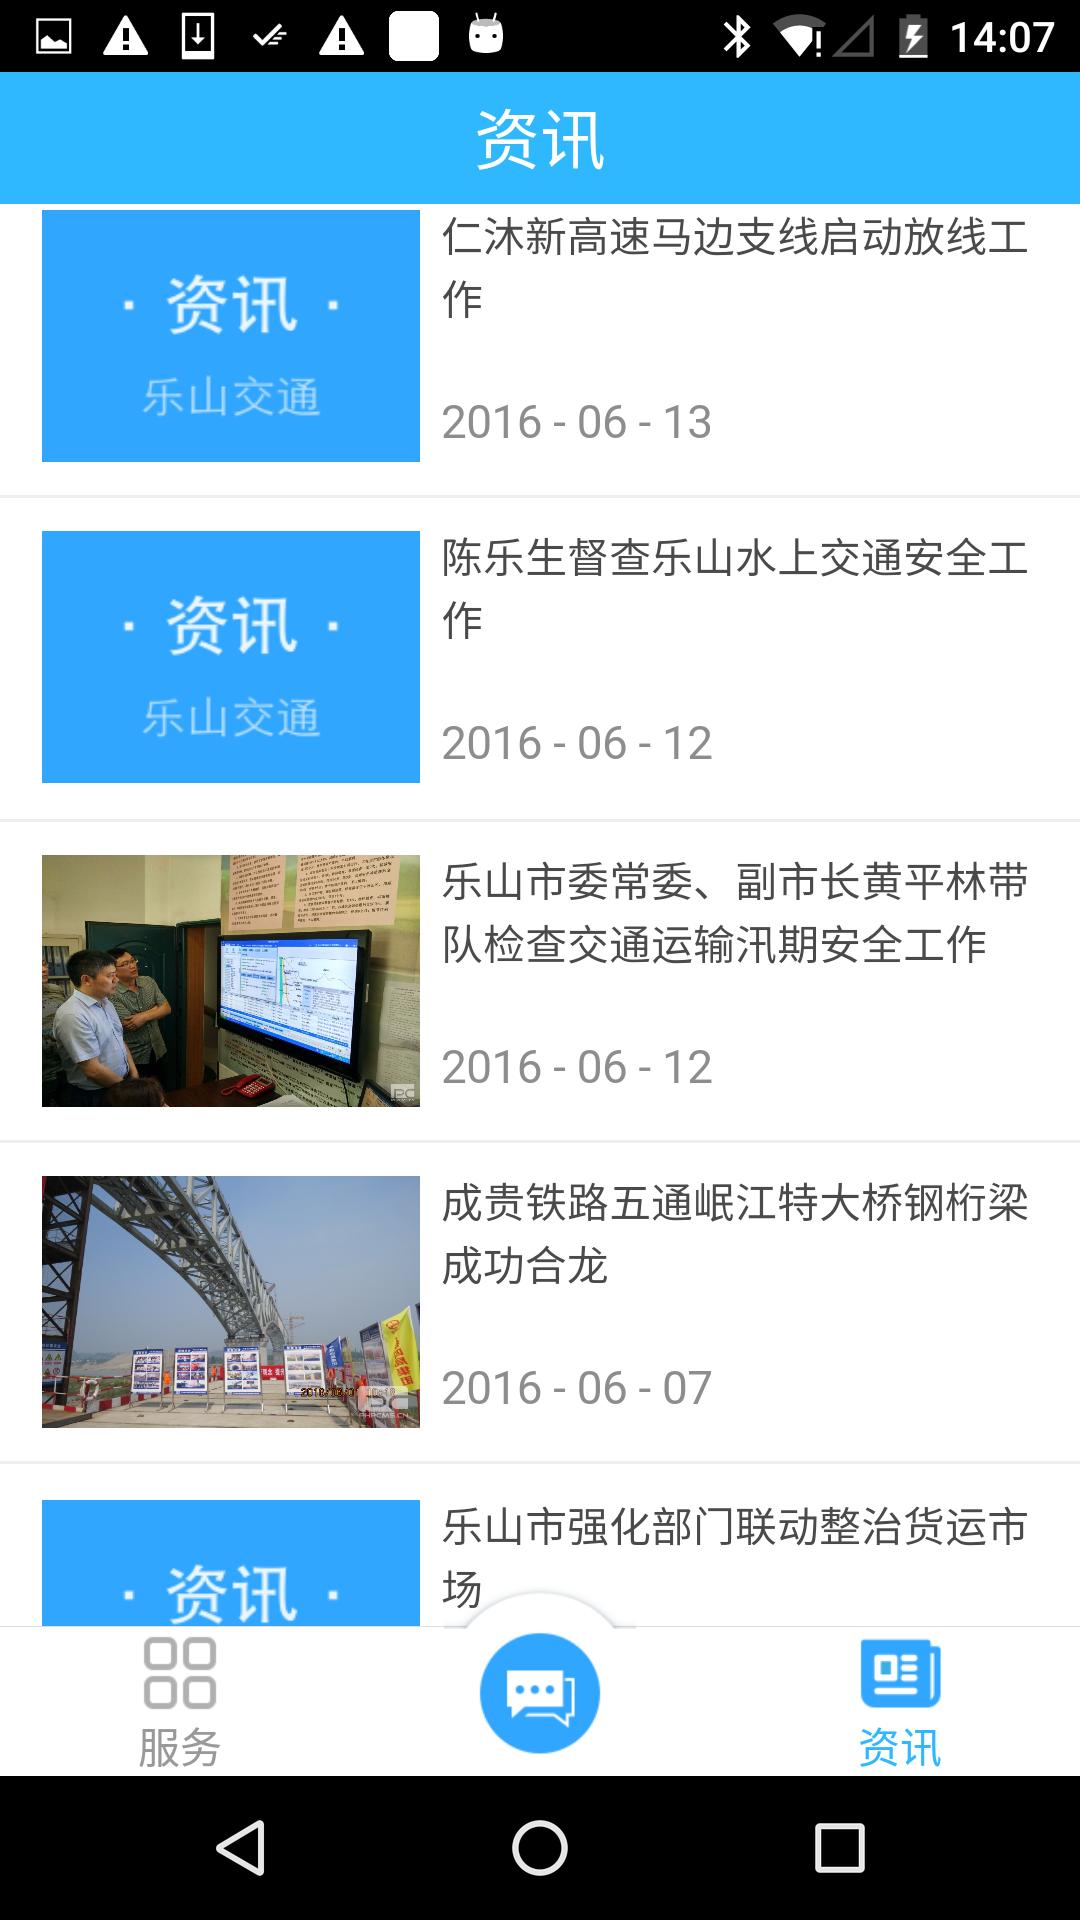 乐山交通APP V3.32 安卓版截图2